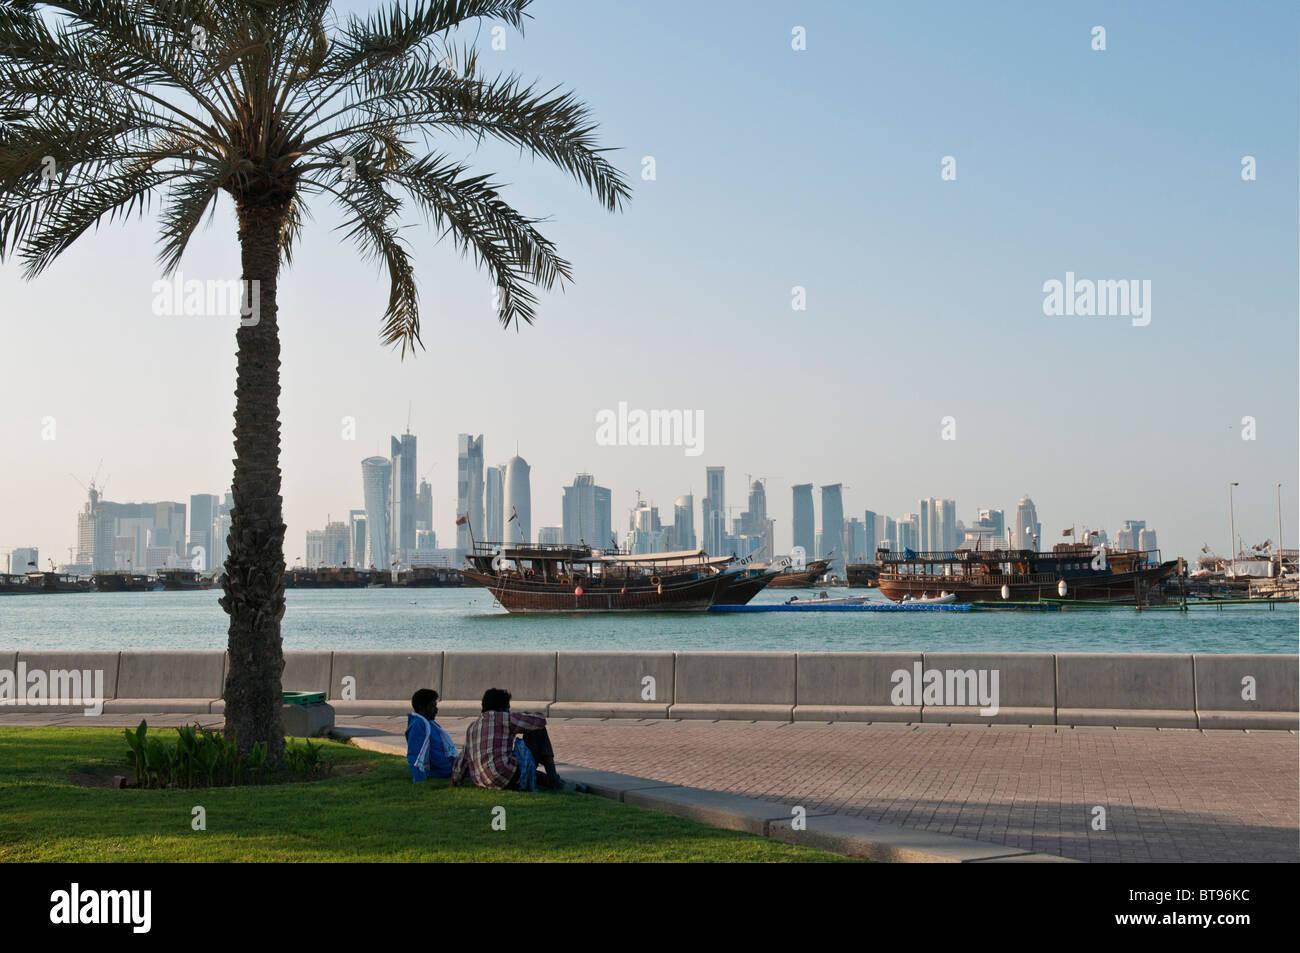 Vista de Doha (Qatar) con los barcos y el horizonte Imagen De Stock